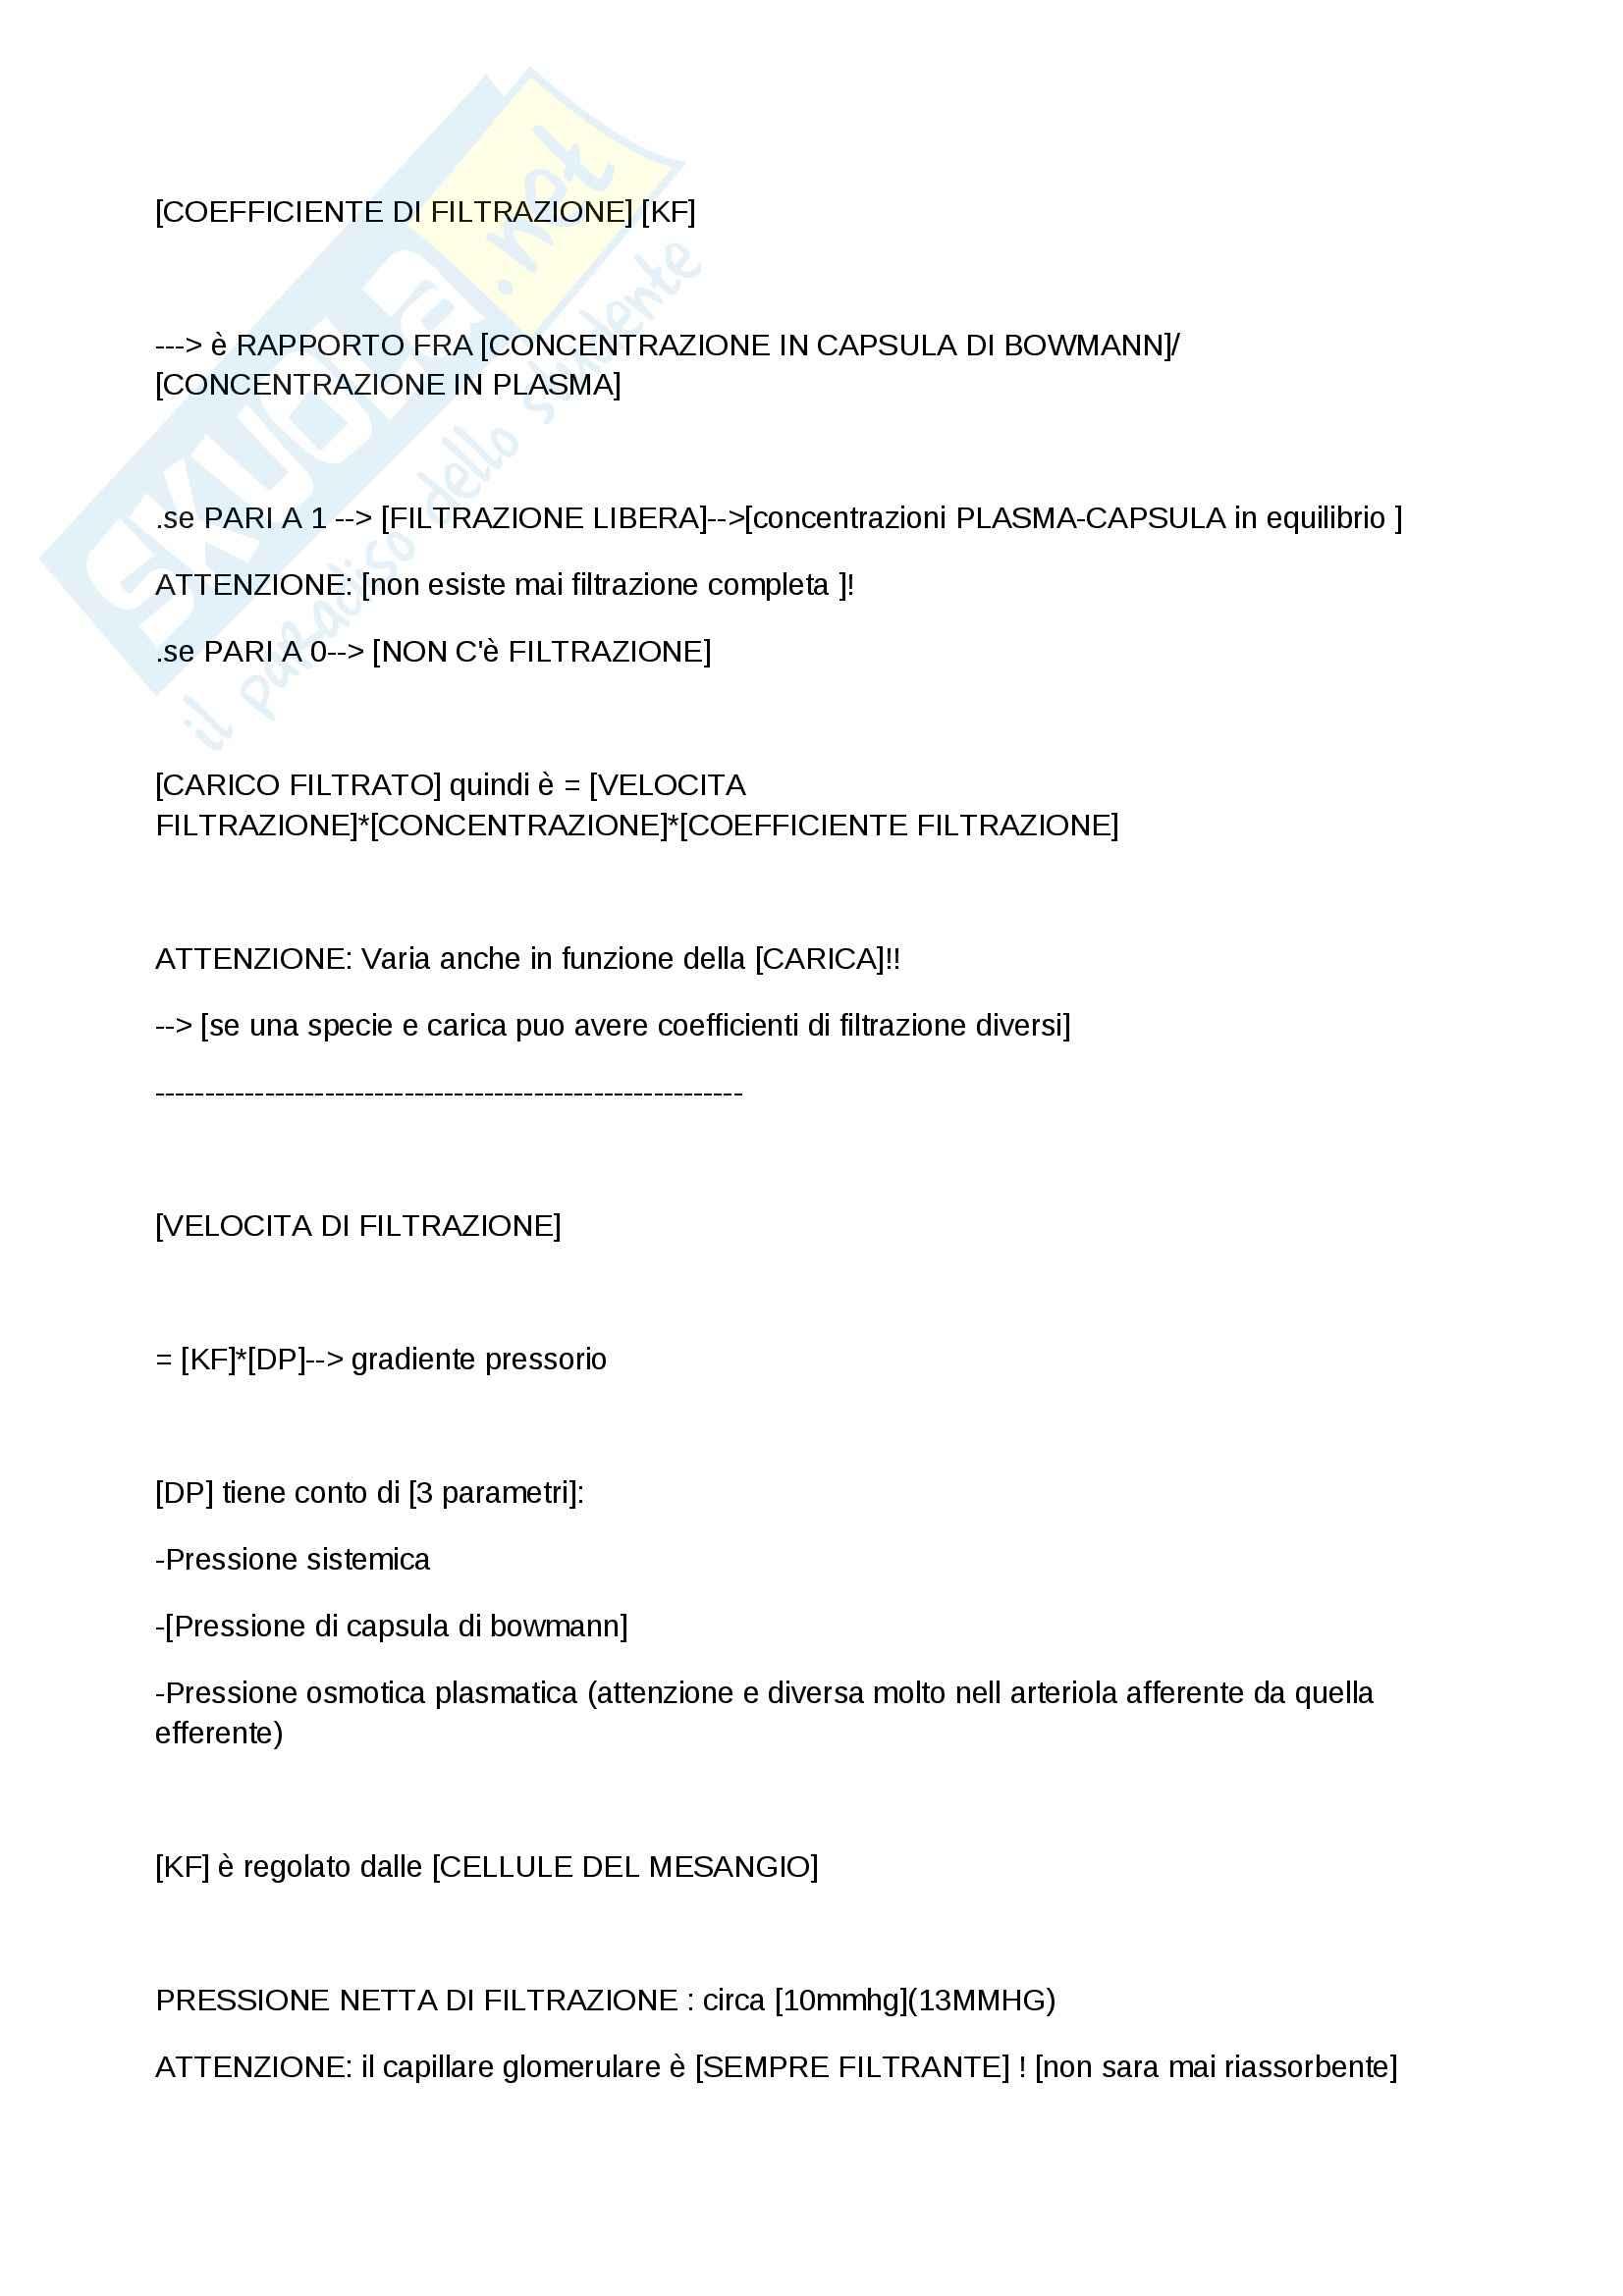 Basi fisiche e fisiologiche dell'organismo umano e metodologia statistica - fisiologia renale Pag. 6